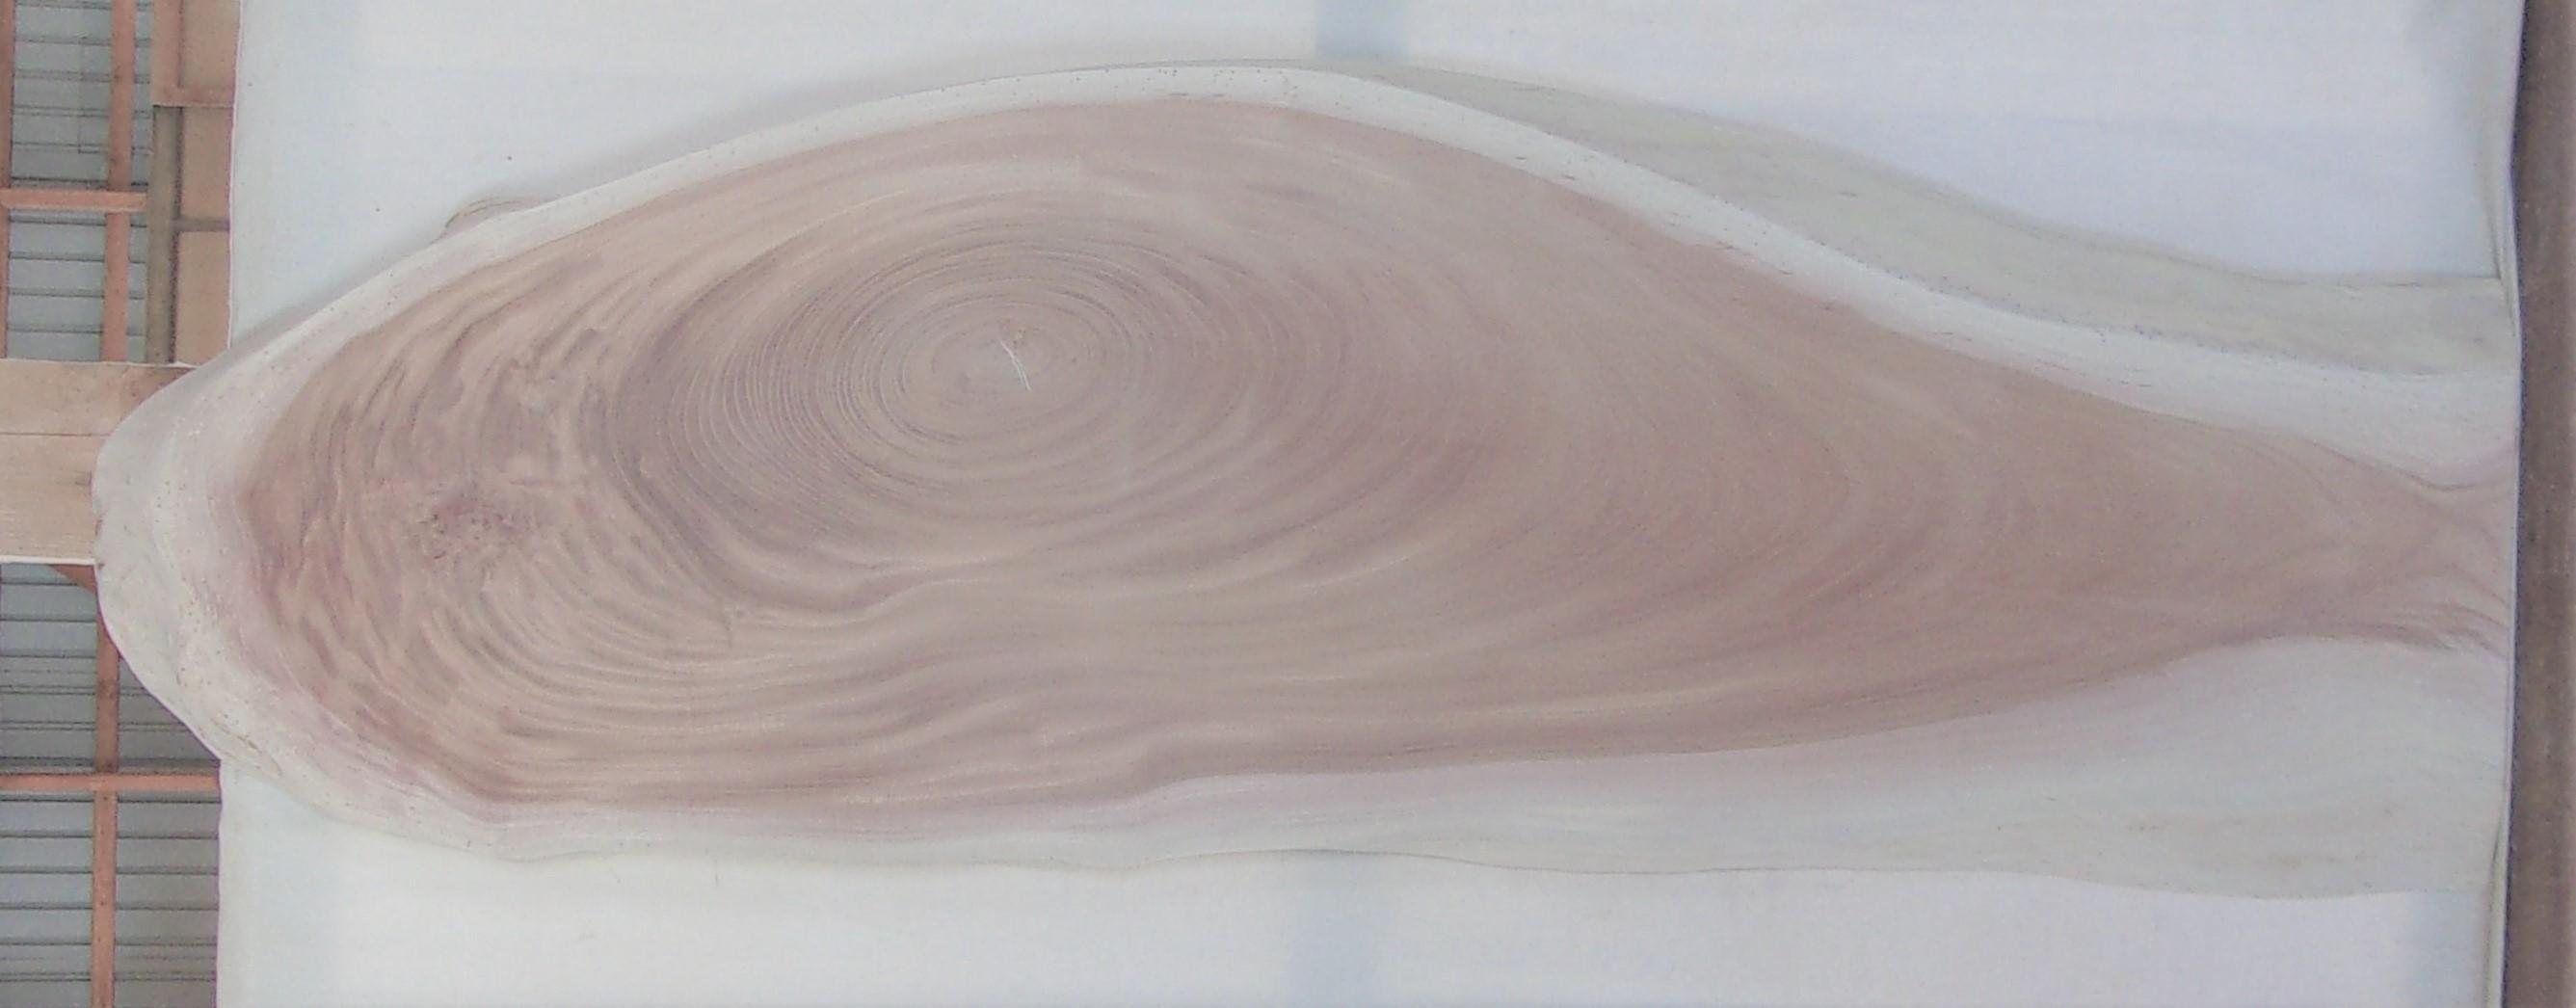 【送料・手数料無料!】 山成林業 大型無垢一枚板 KB-581 ケヤキ 大型看板に最適